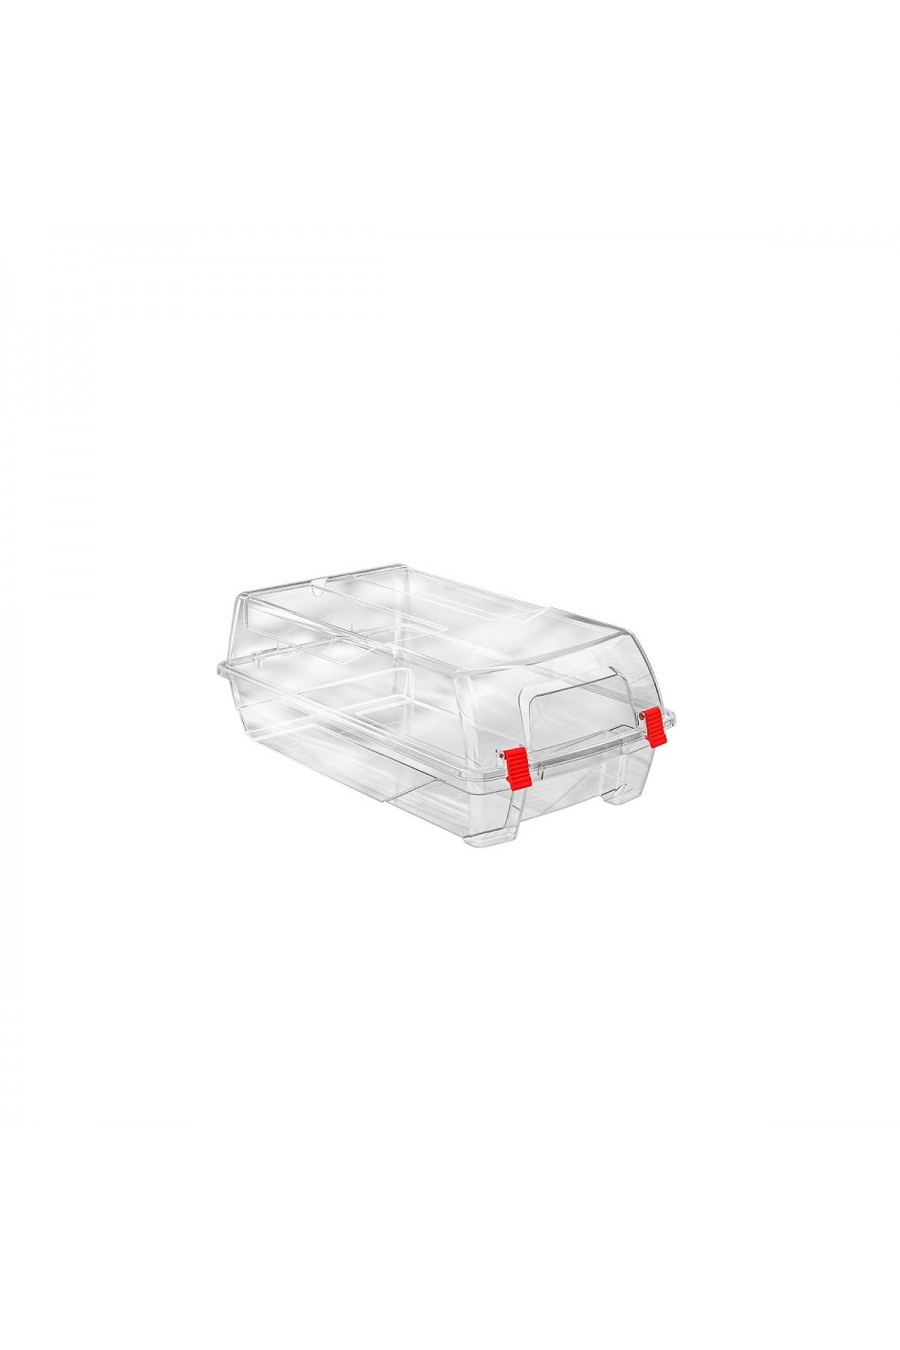 PlastArt Klipsli Kadın Ayakkabı Kutusu | Şeffaf